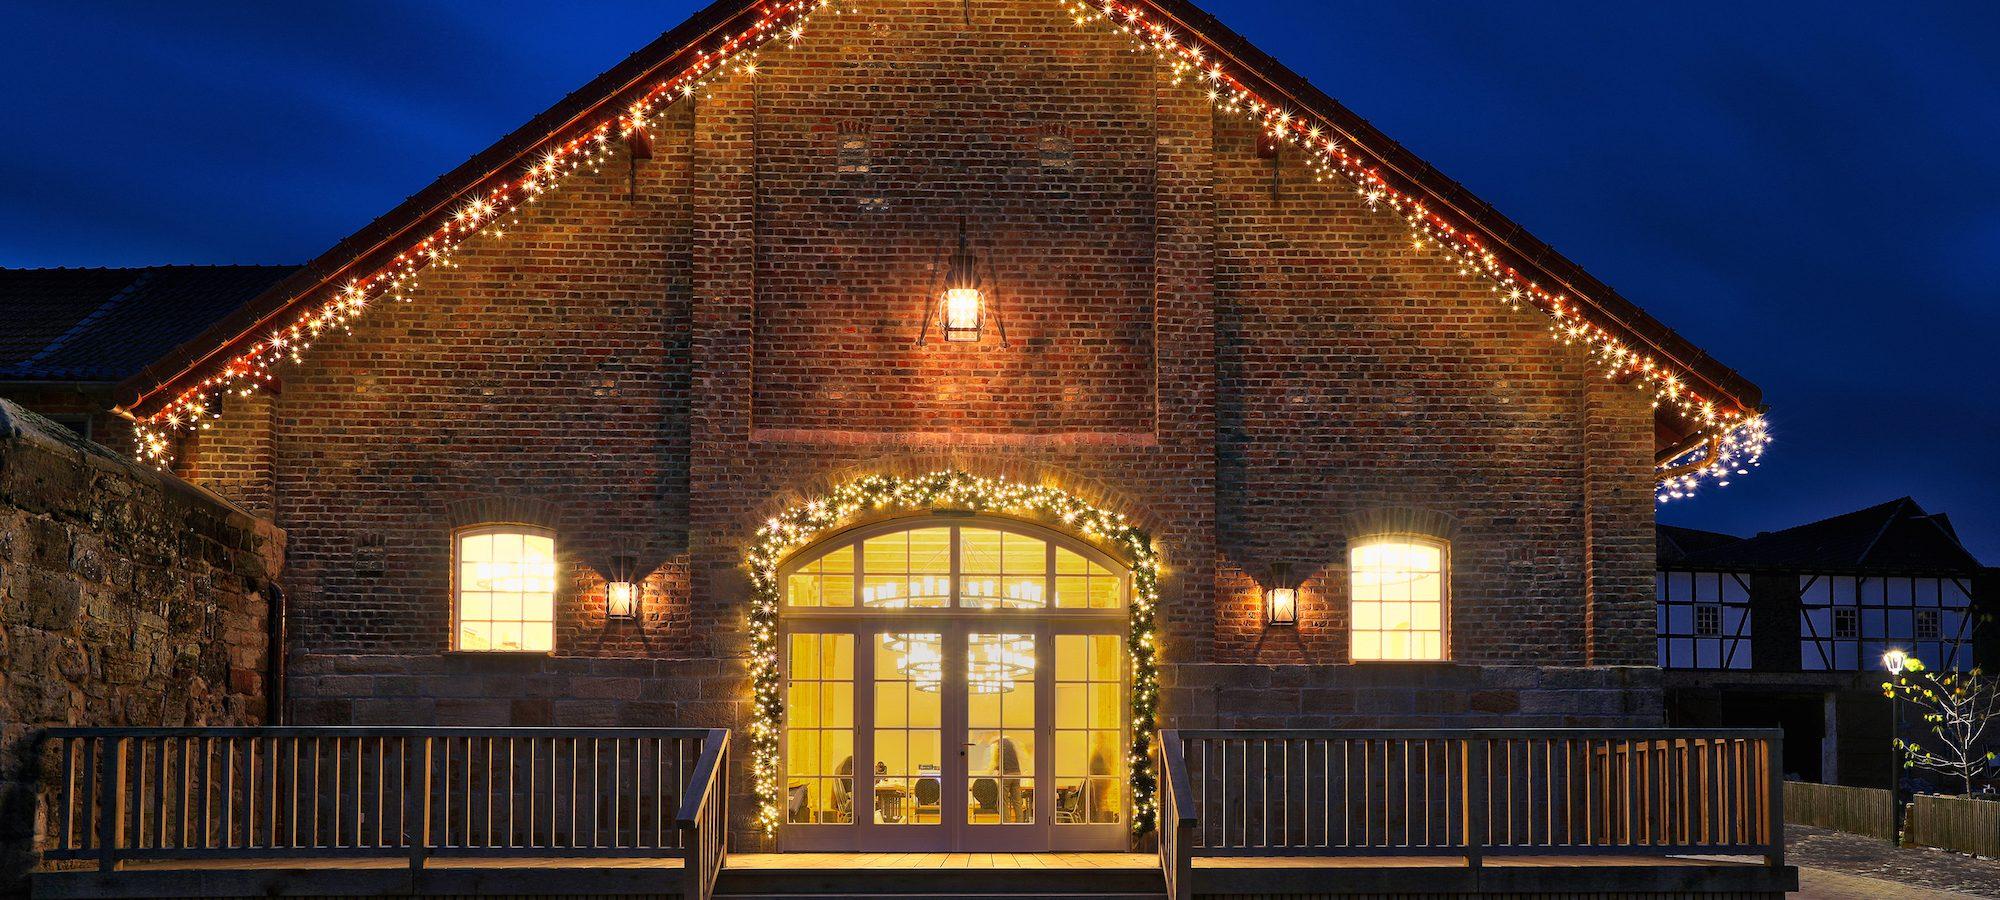 Landau Weihnachtsmarkt.Schloss Landau Landauer Weihnachtszauber